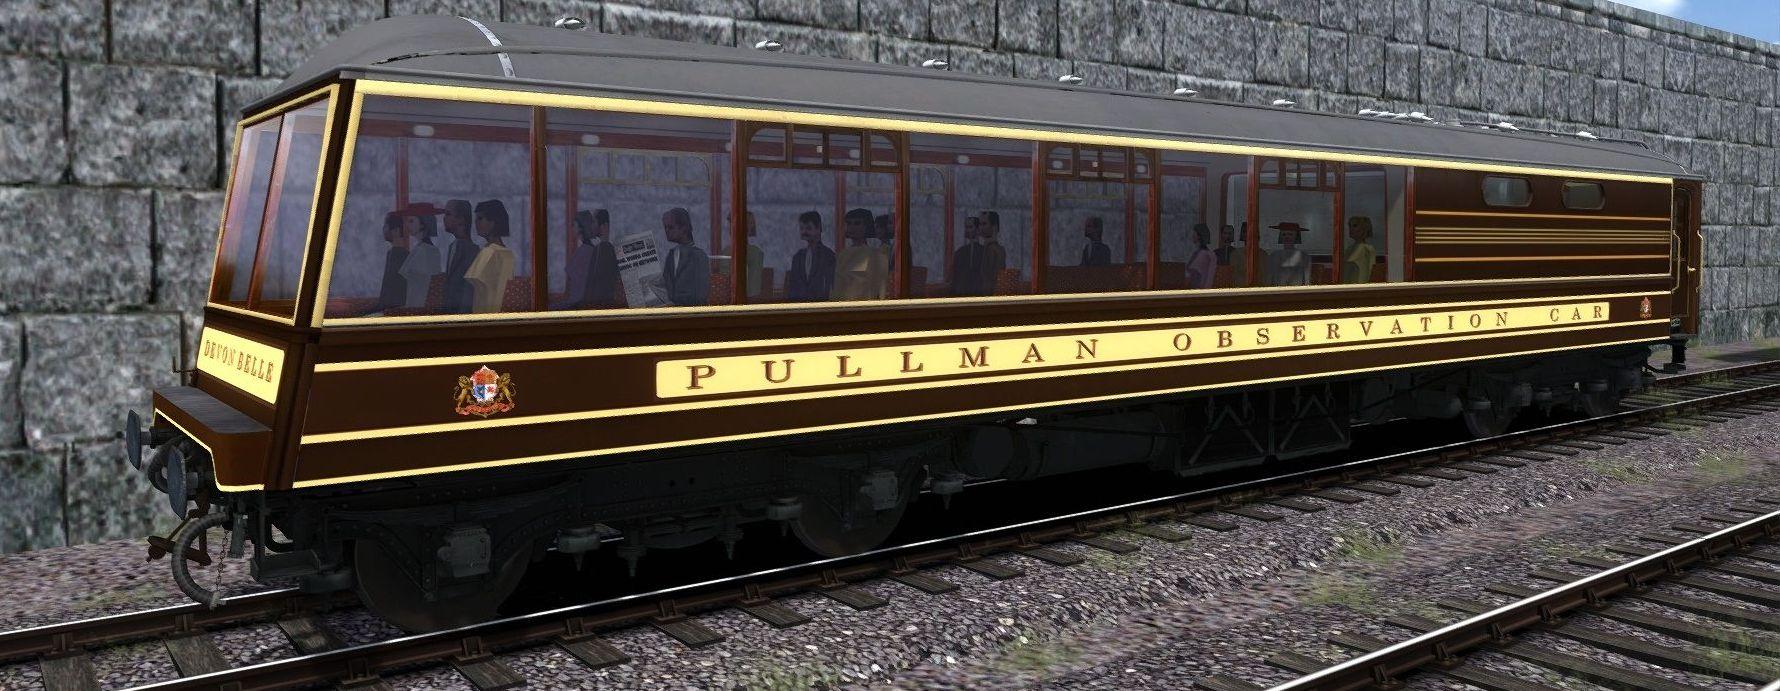 PullmansBR1EraSet1_16